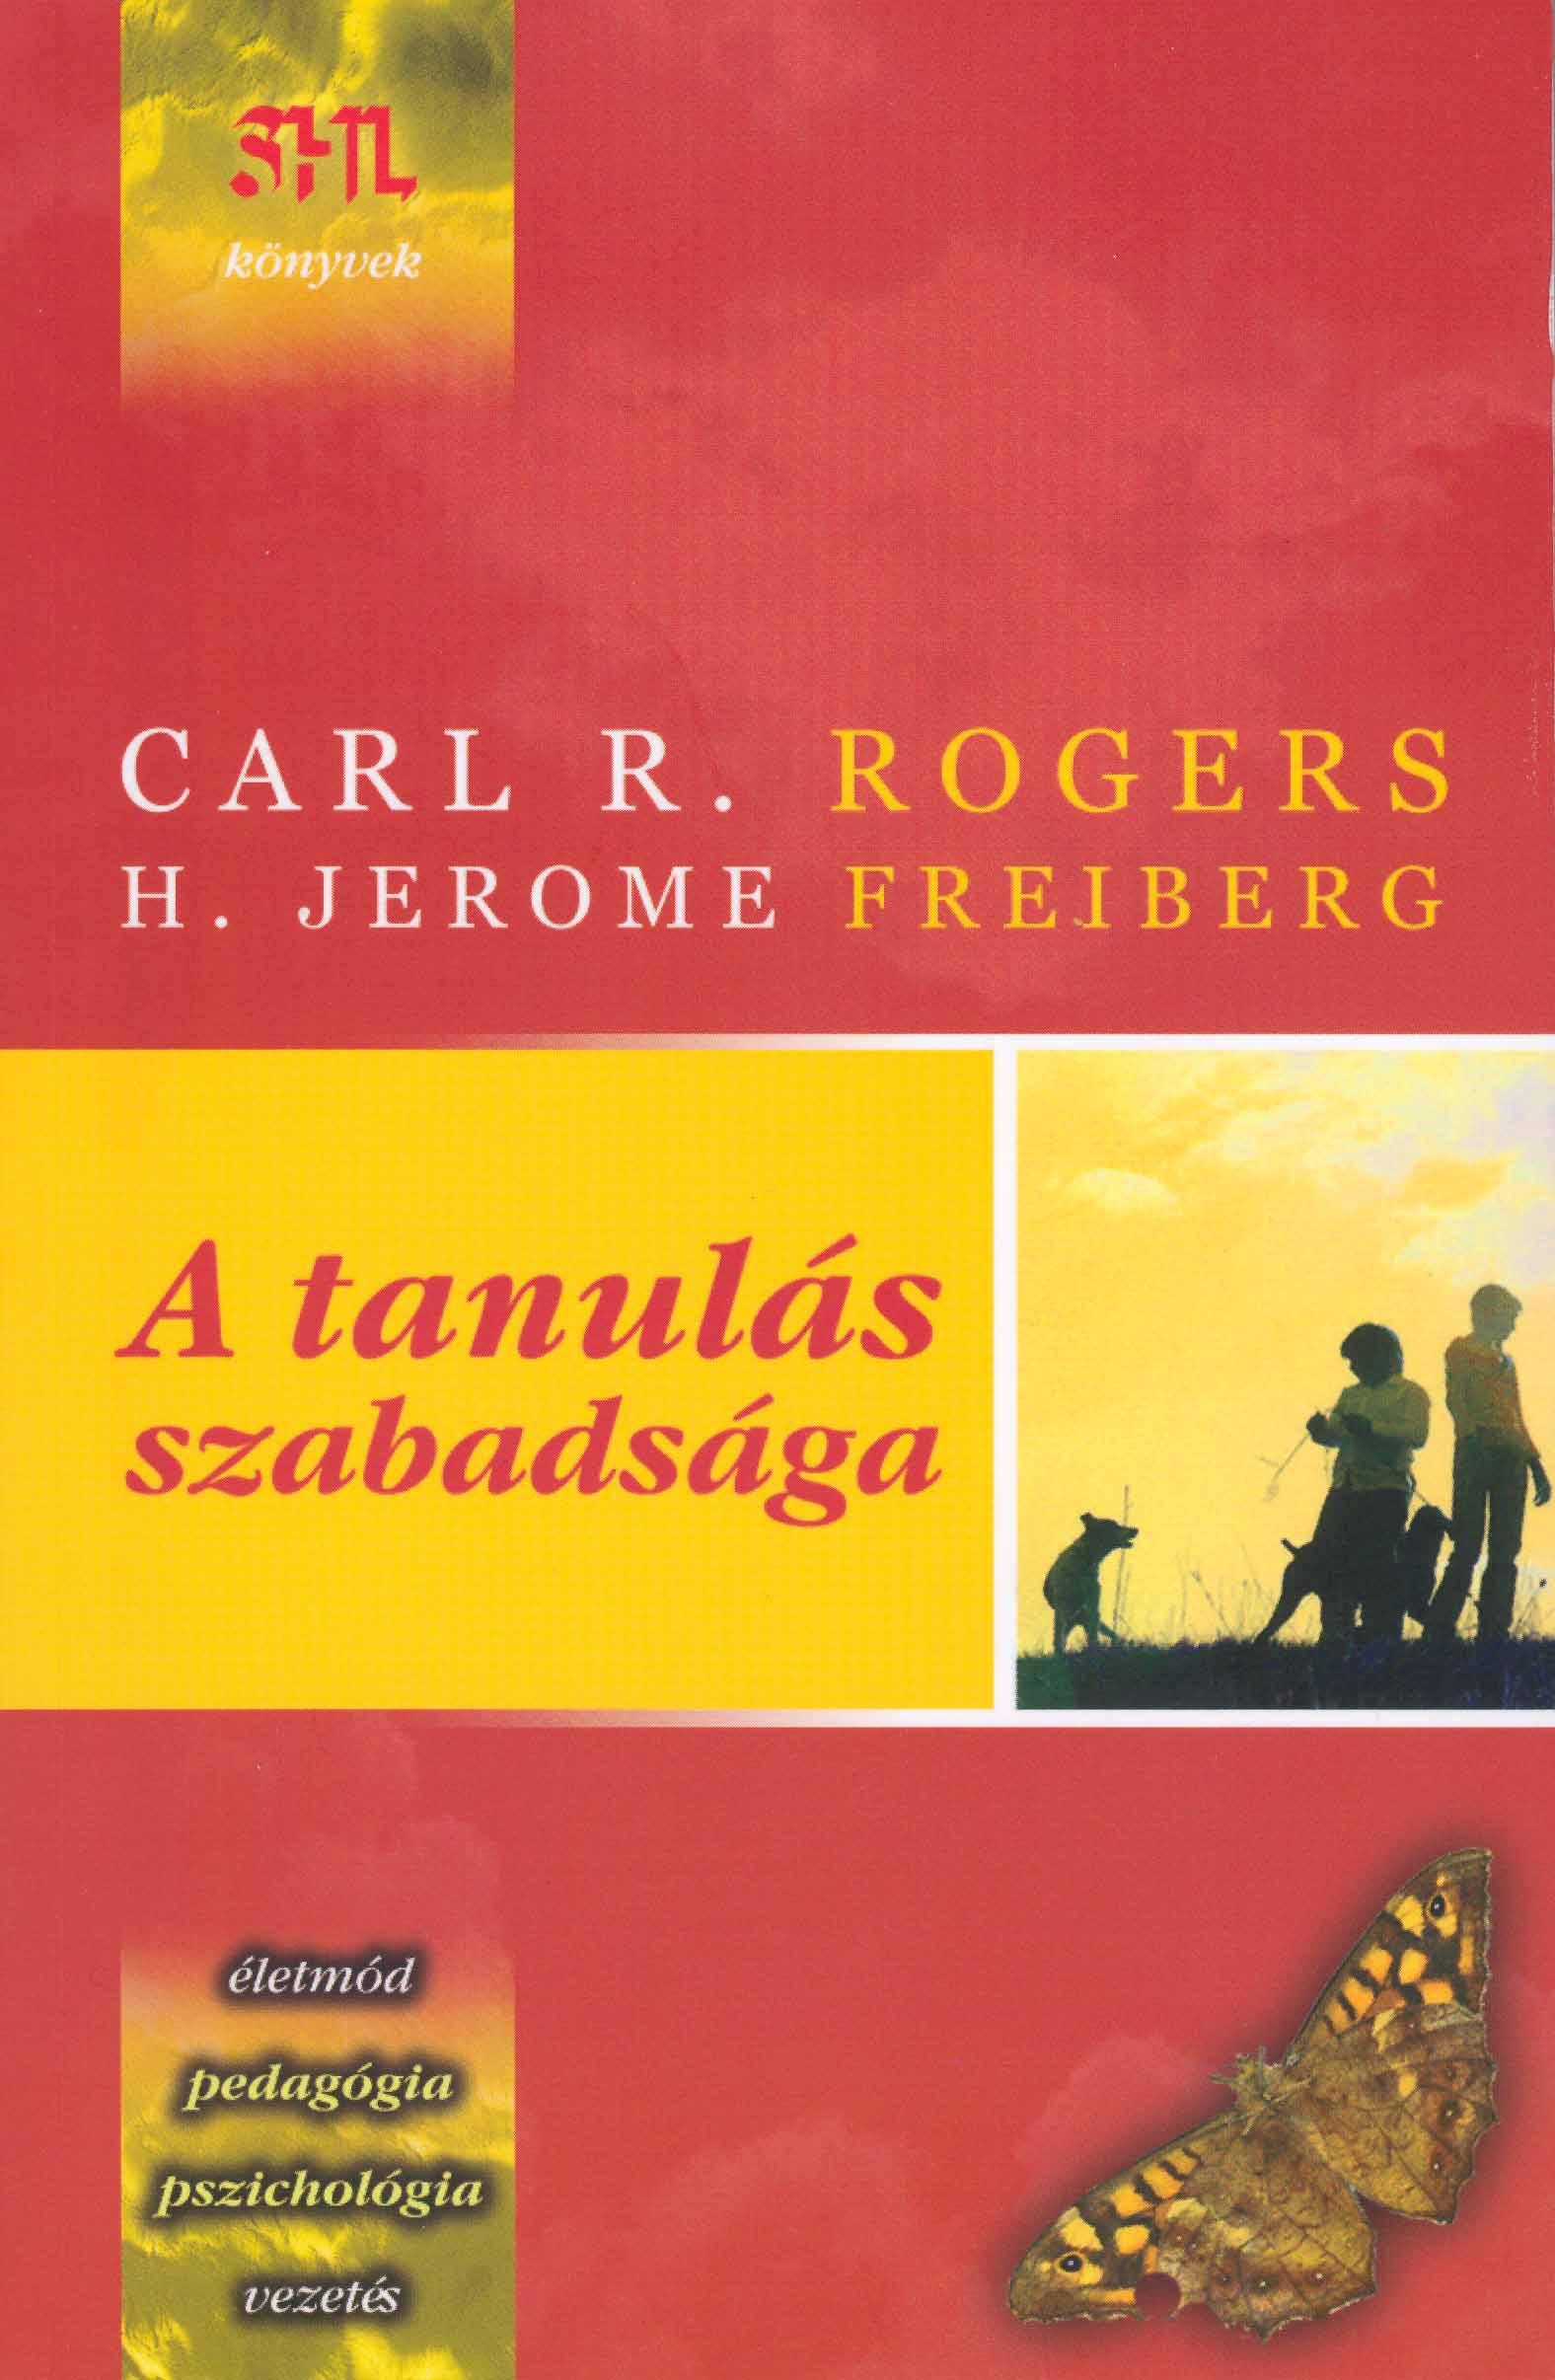 Rogers_könyv_2